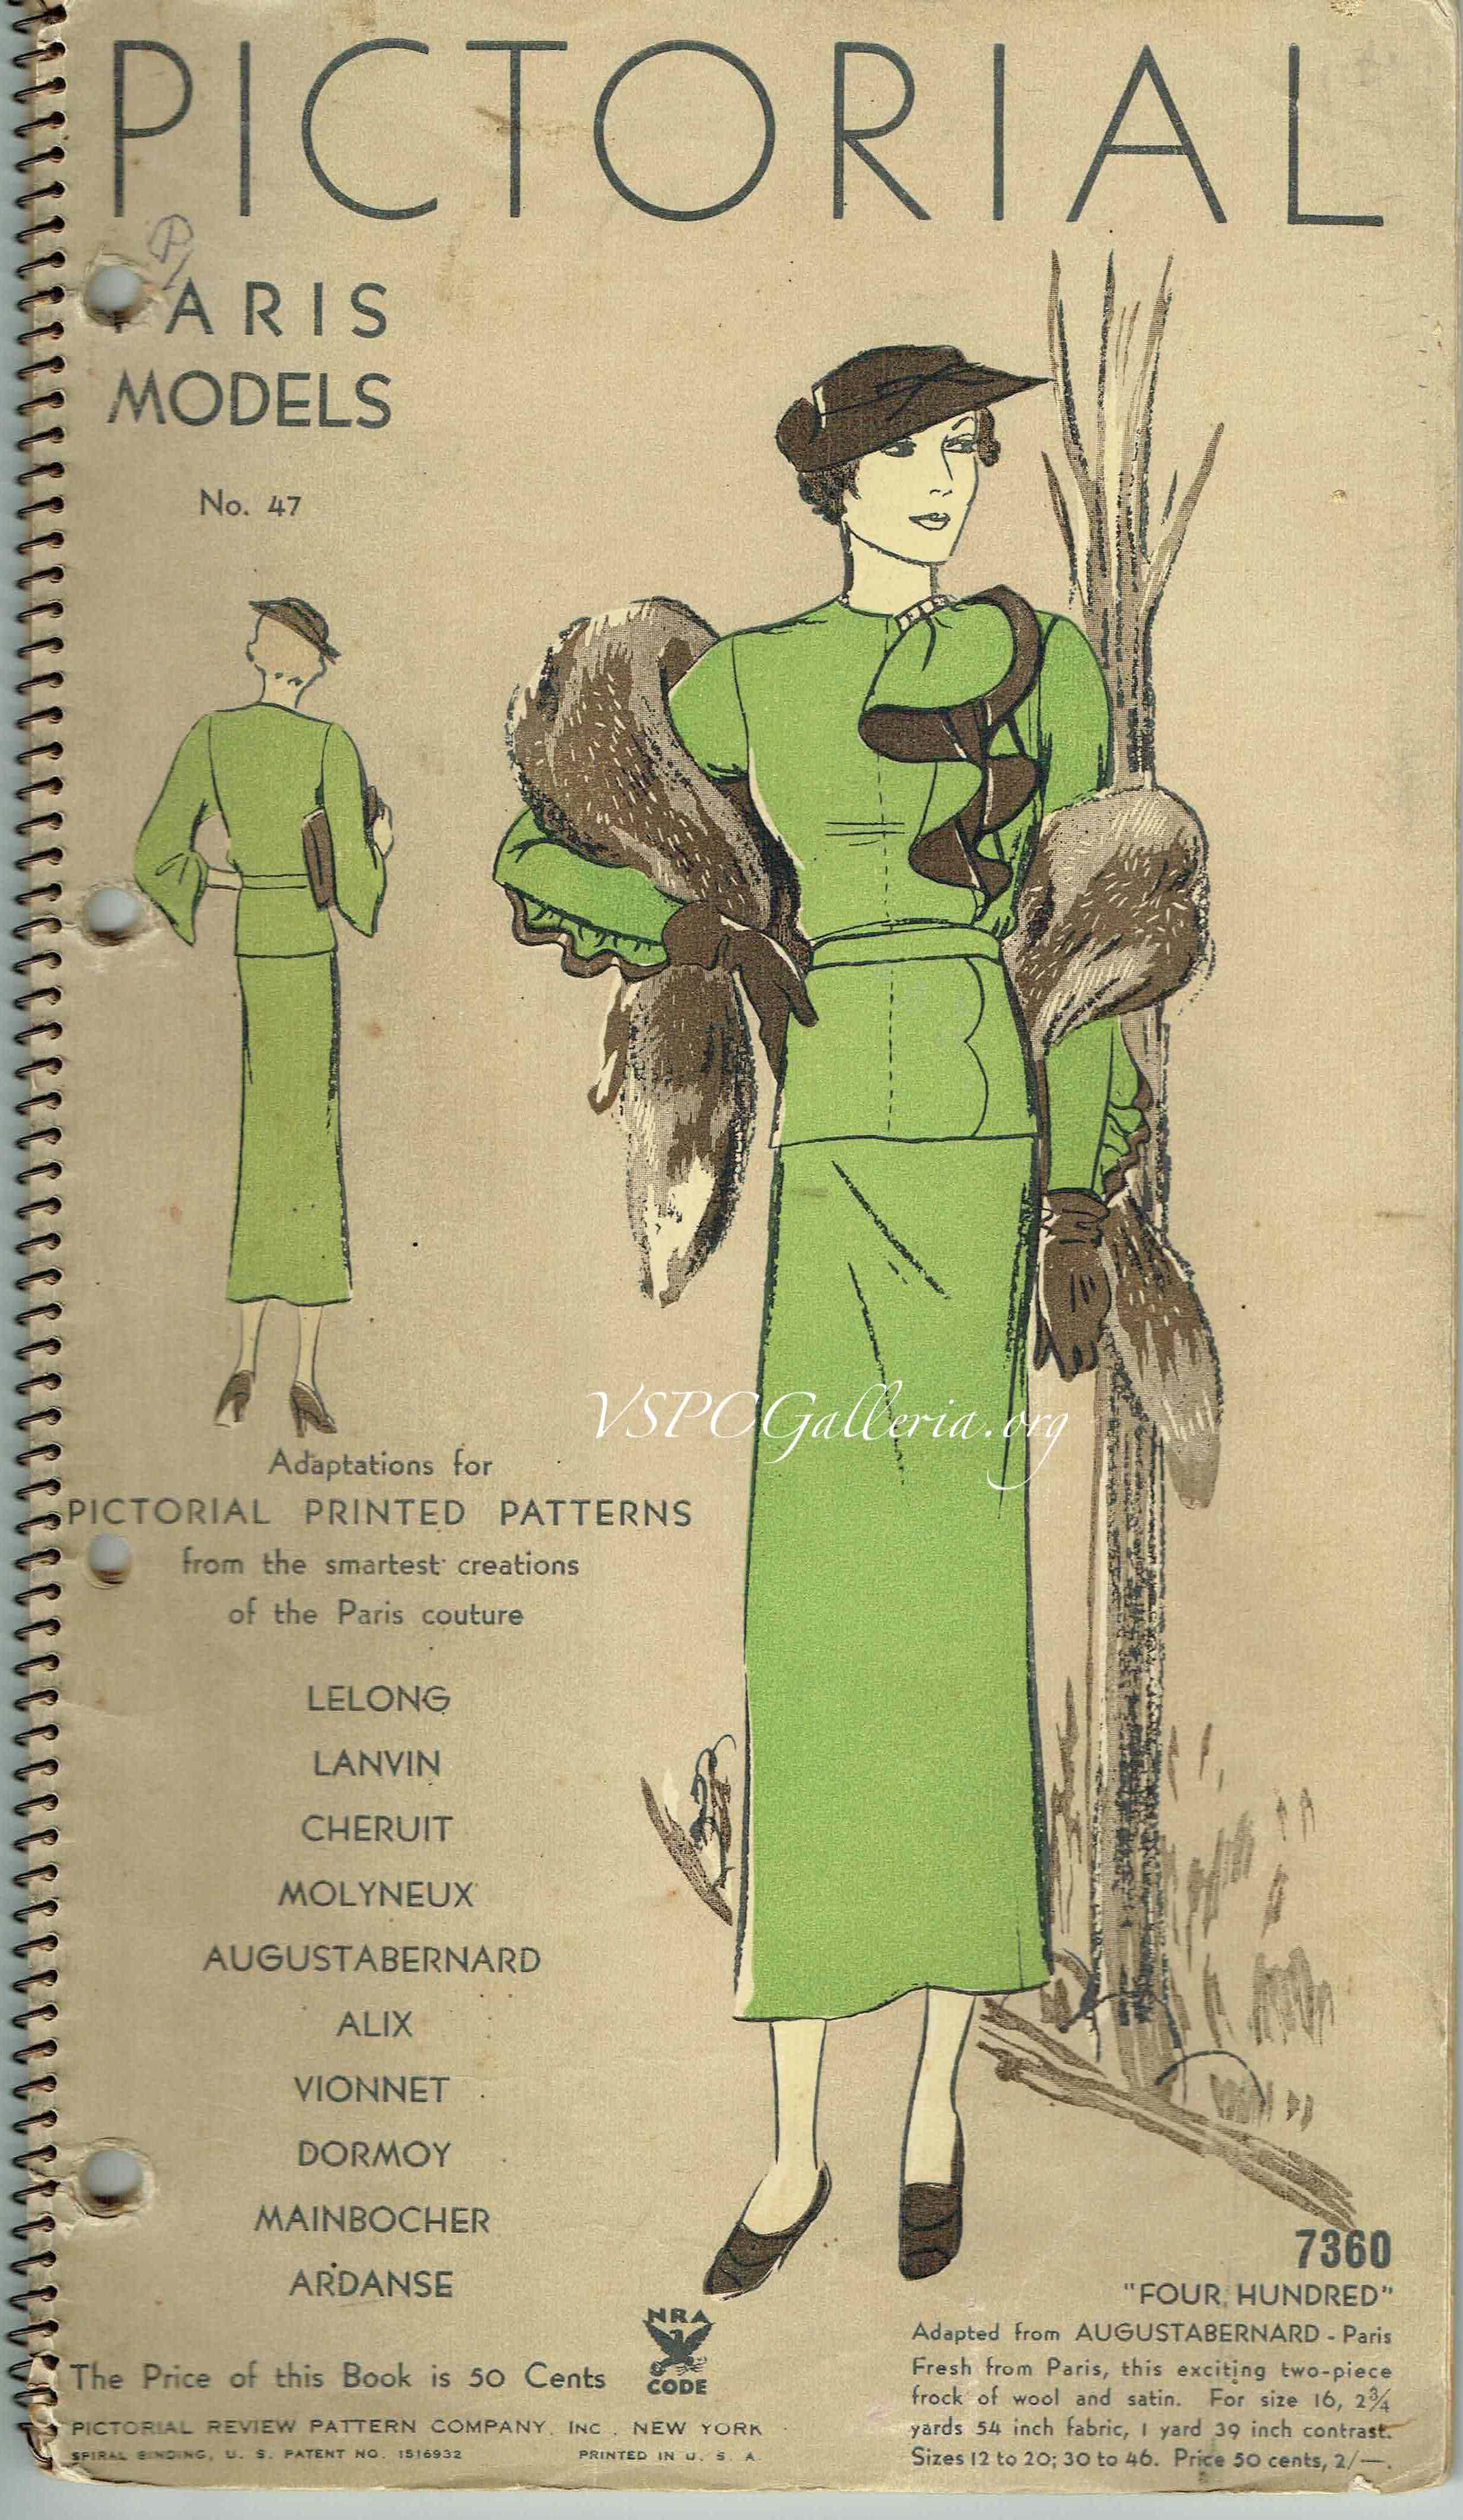 Pictorial Review Paris Models 1934 No. 47